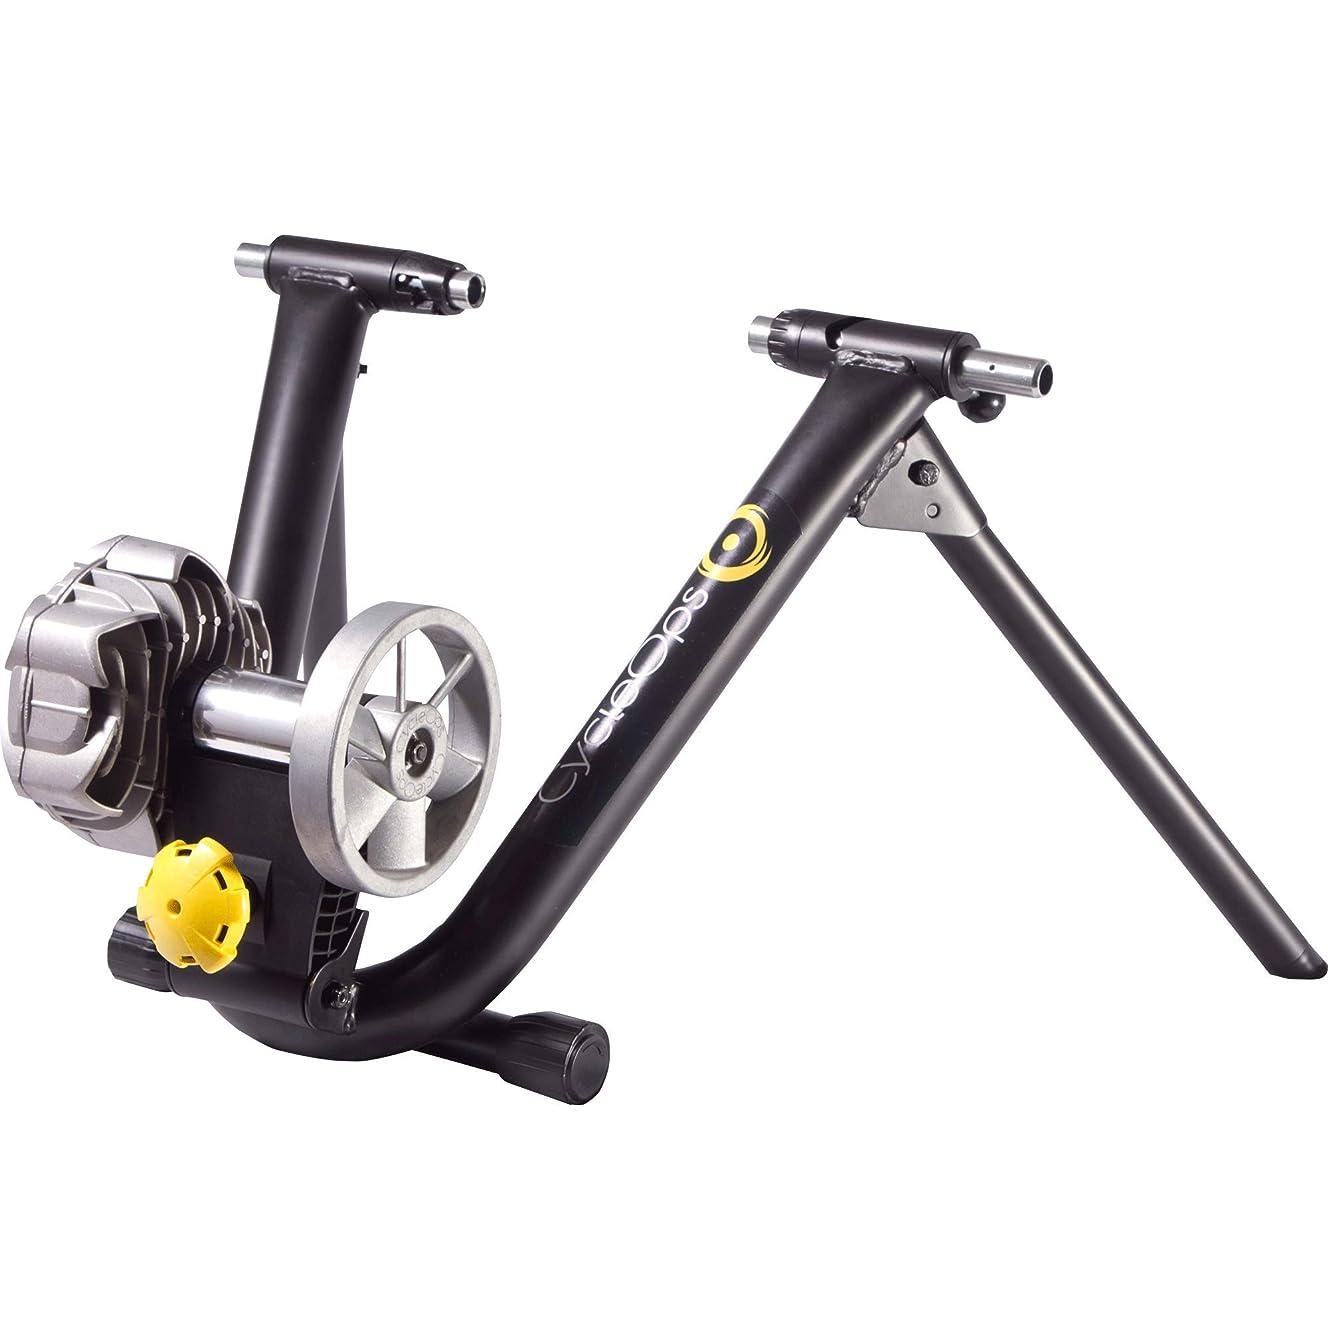 CycleOps Fluid2 Indoor Trainer